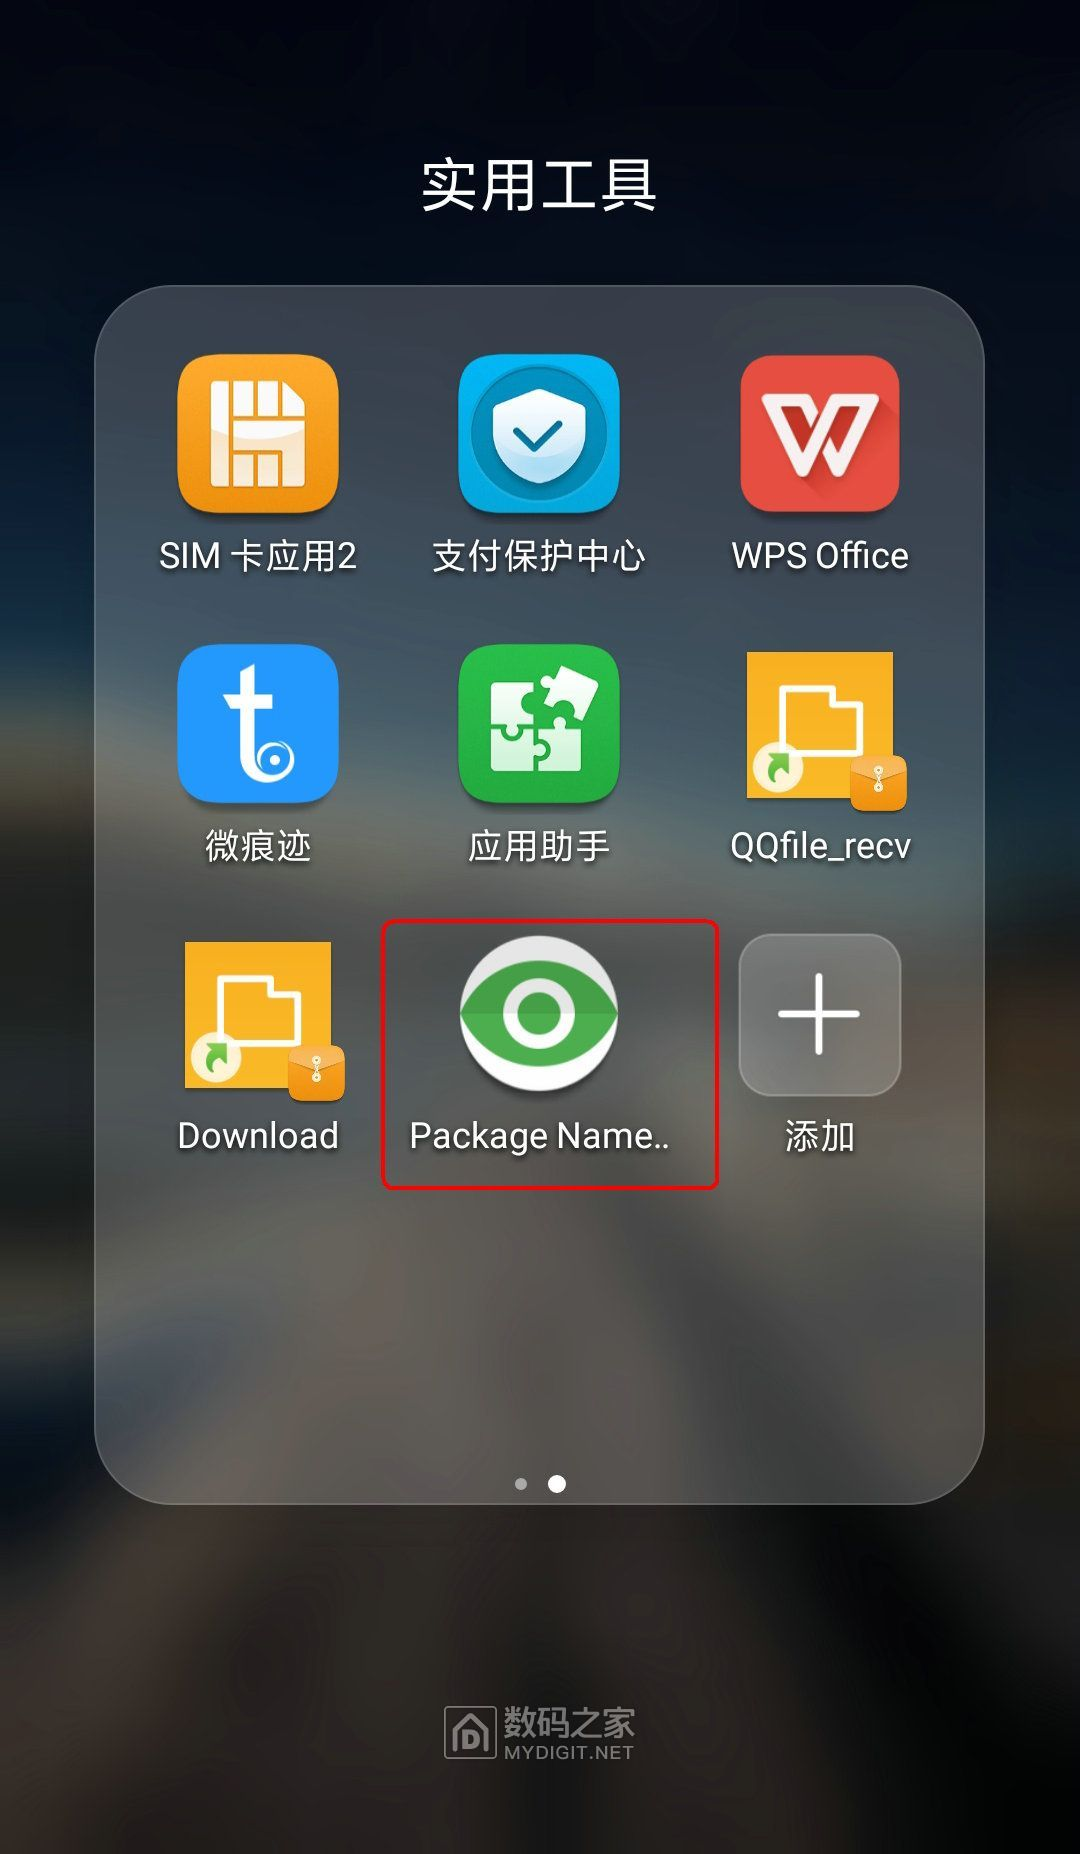 Screenshot_20190606_214454_com.huawei.android.launcher.jpg